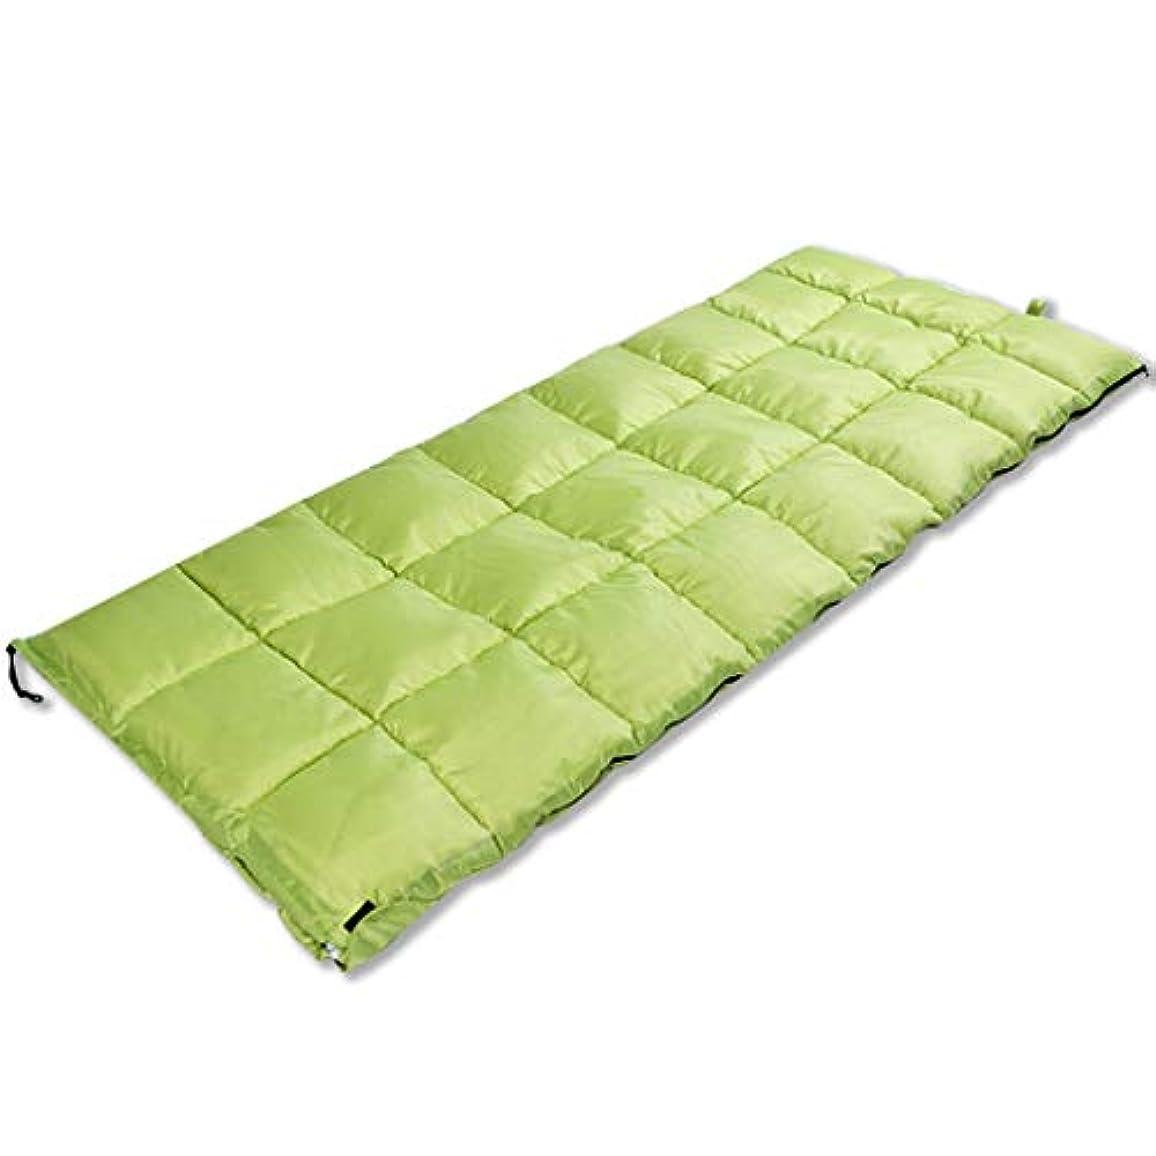 クッションいたずらな偉業CATRP 綿の寝袋フランネル大人の屋外のキャンプは暖かく保ちます (色 : Light green)